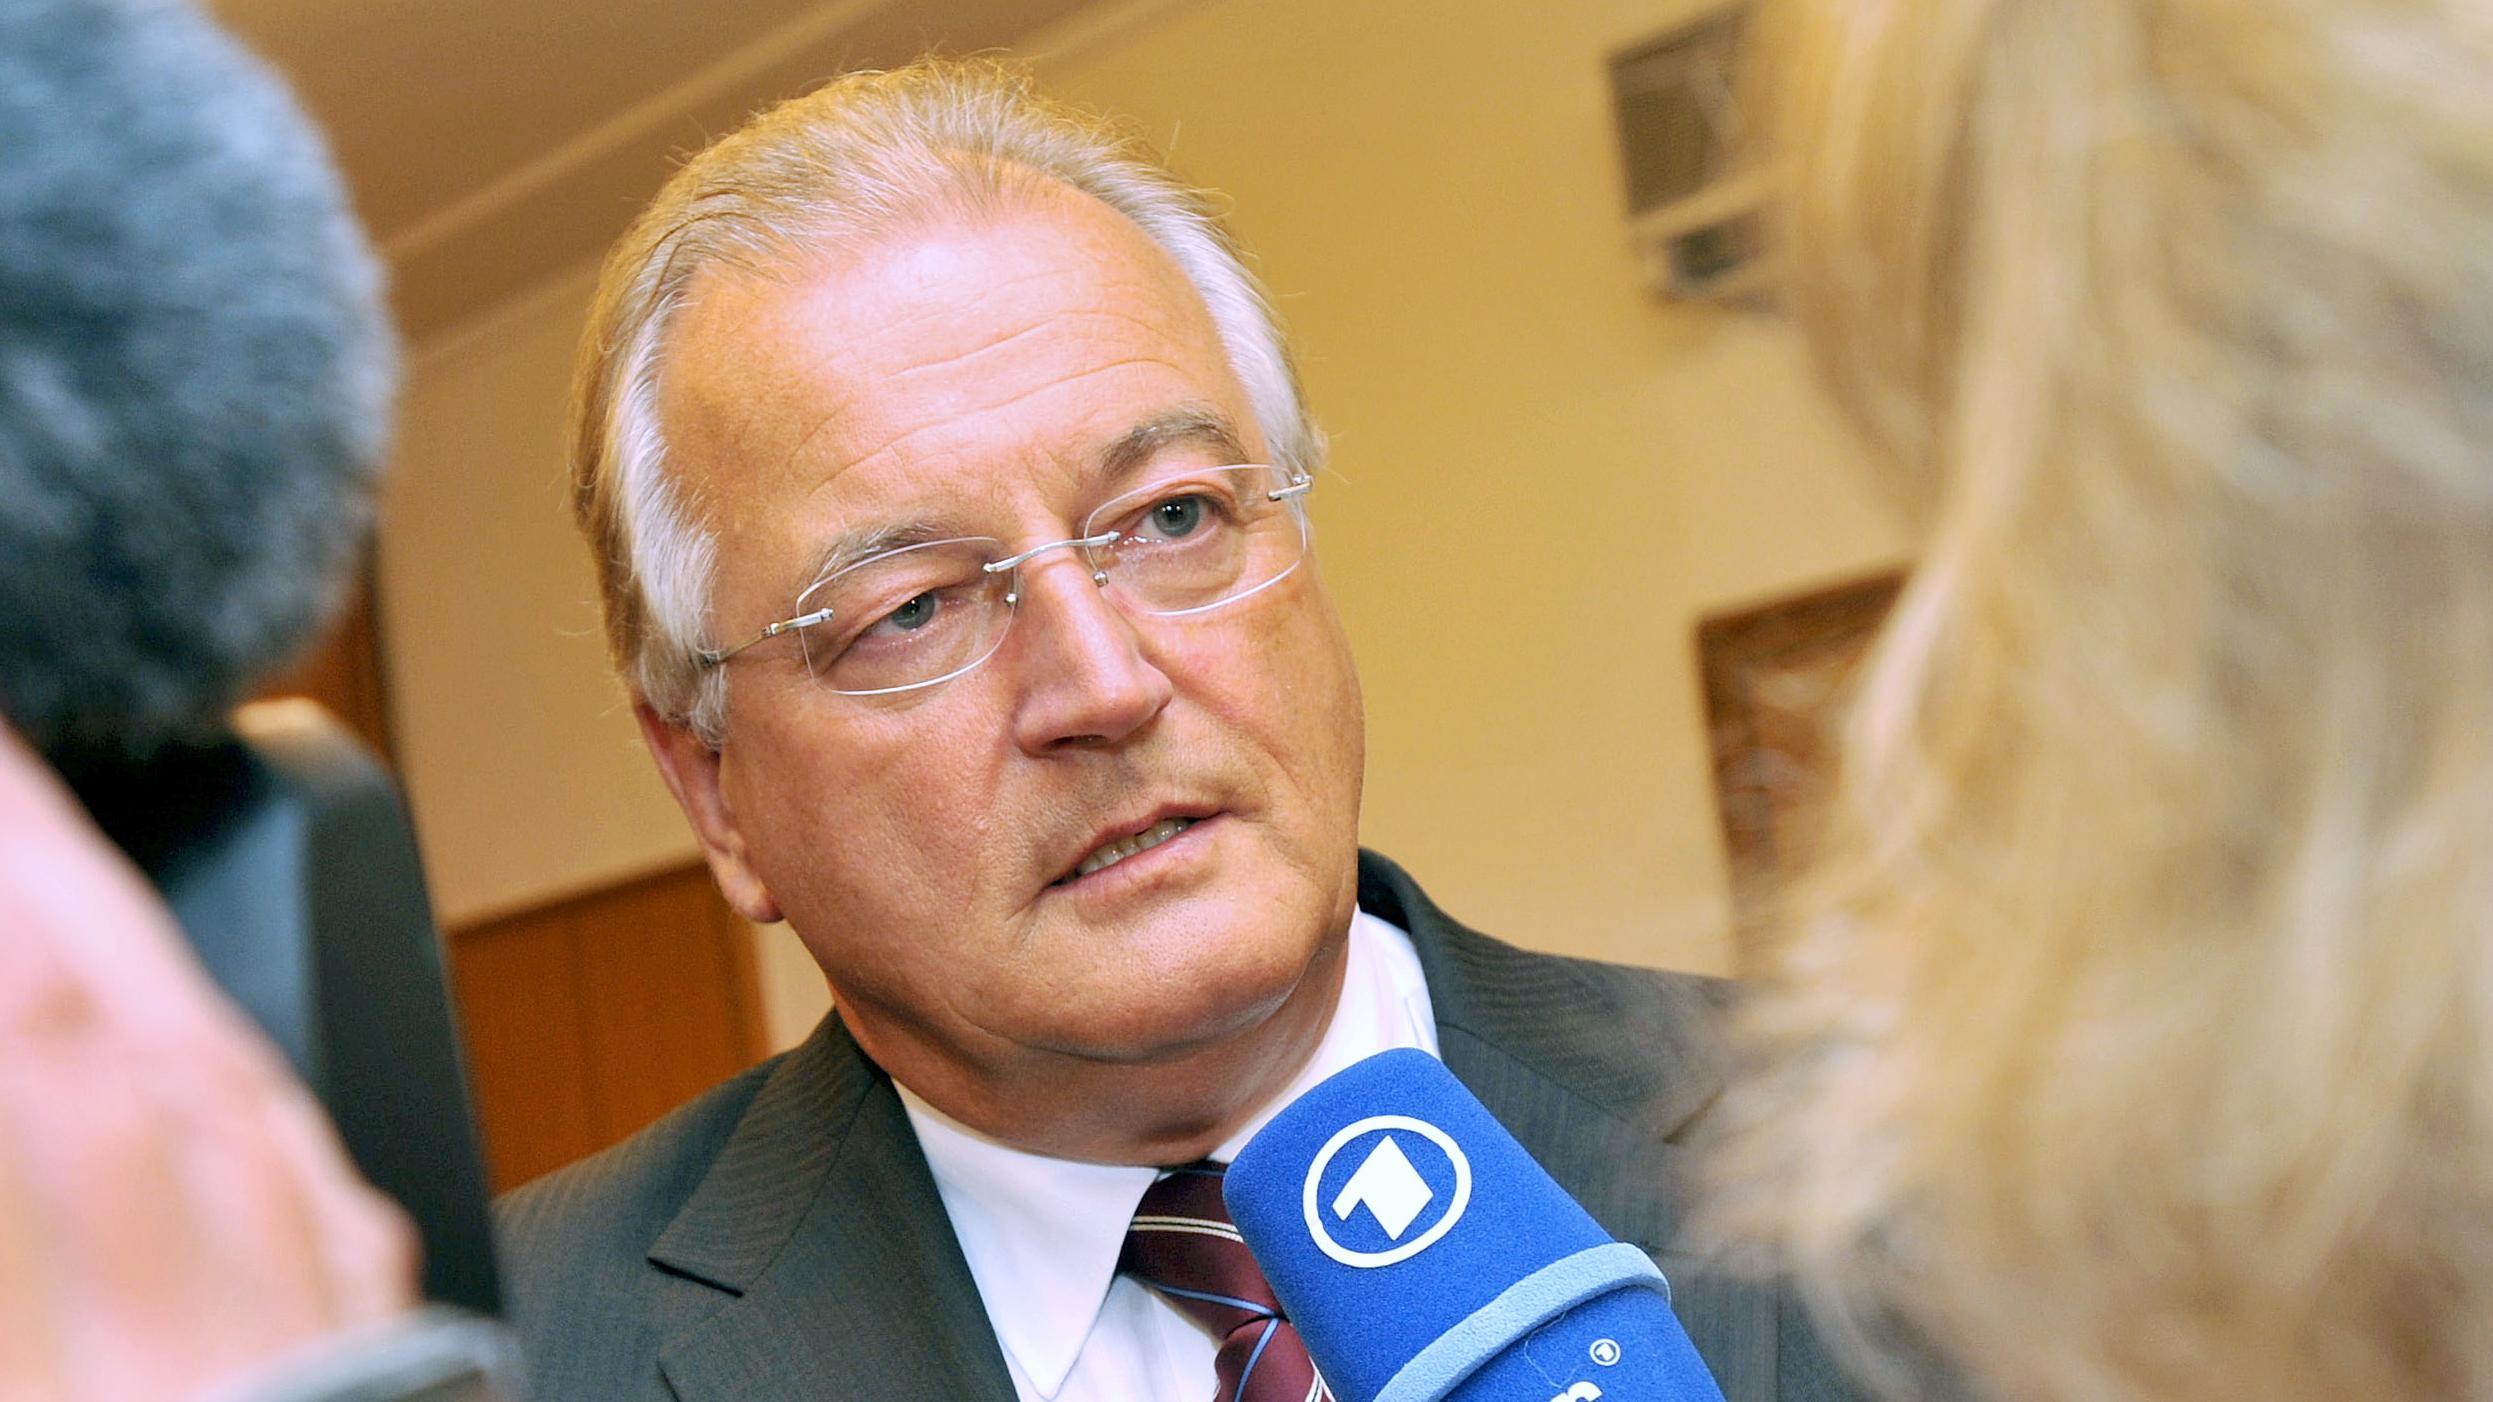 Energierechtsexperte und Rechtsanwalt Wolfgang Baumann